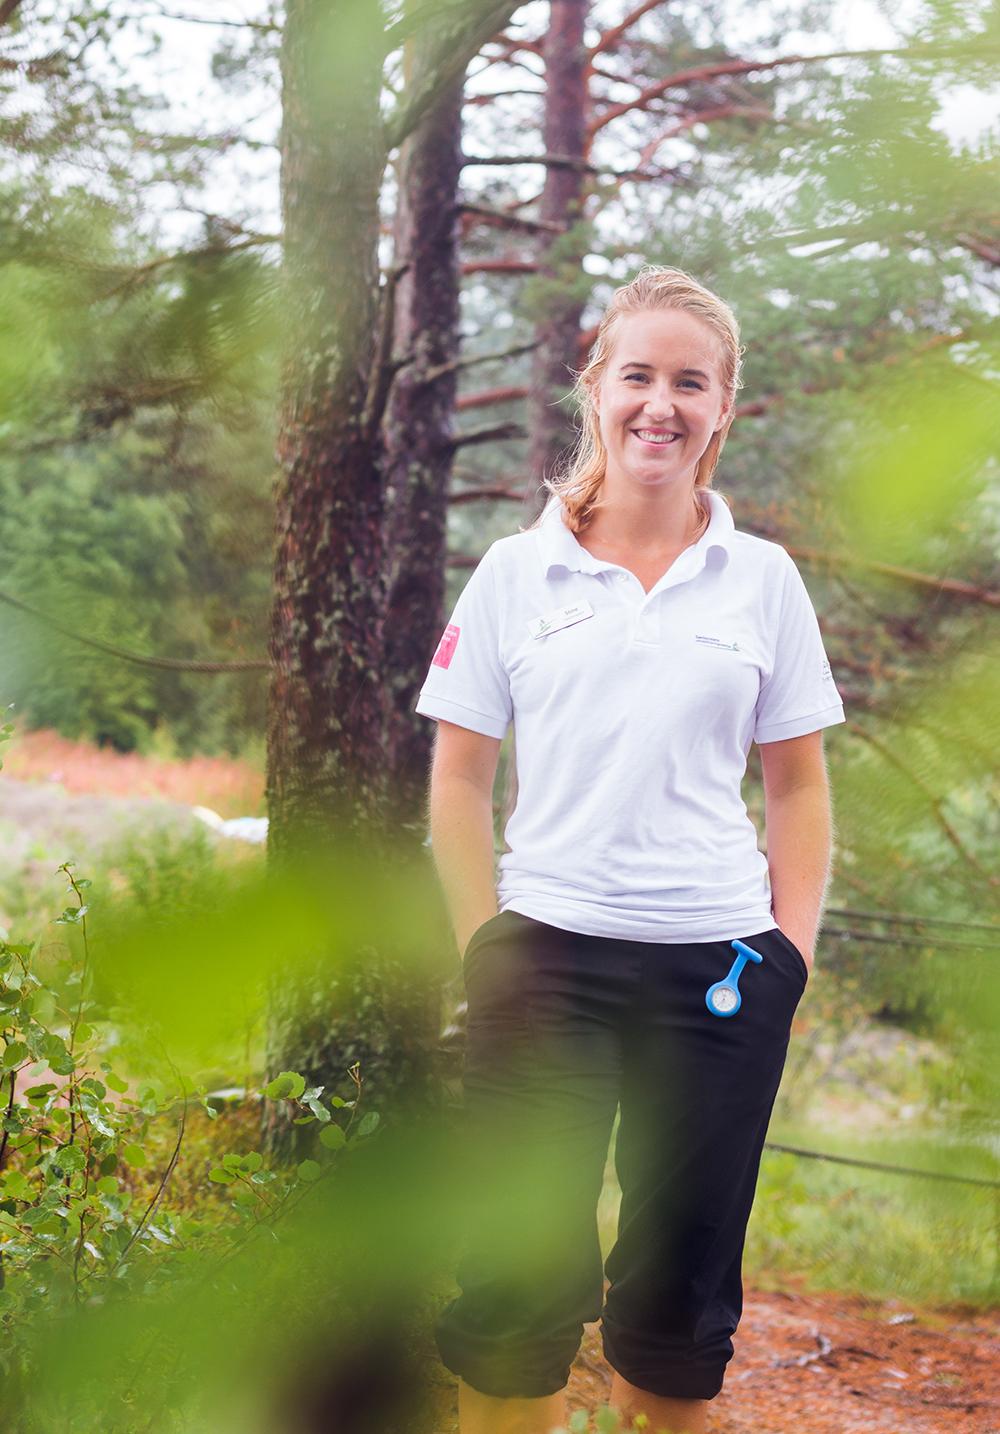 Fysioterapeut Stine Vikøyr